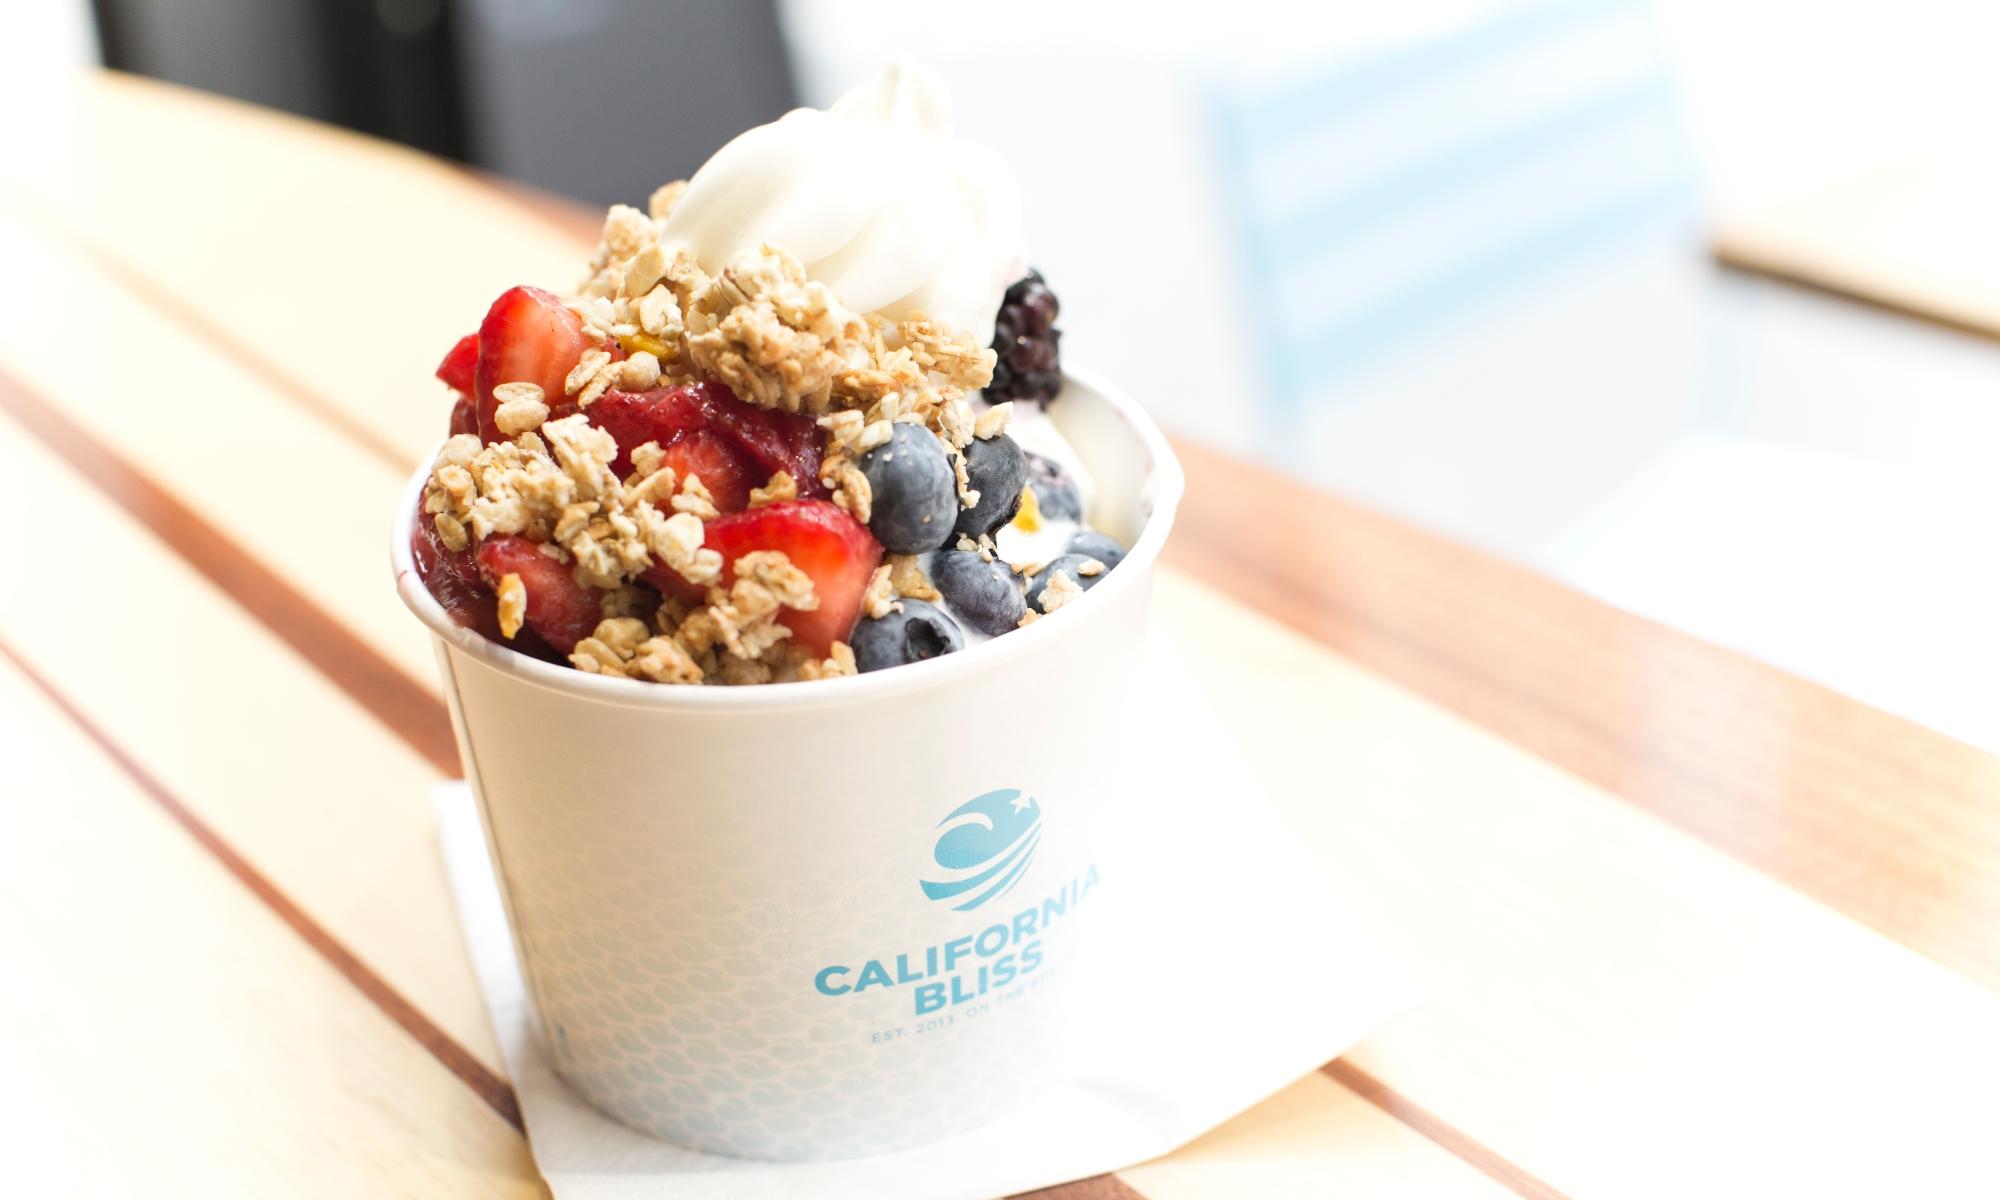 California Bliss frozen yoghurt